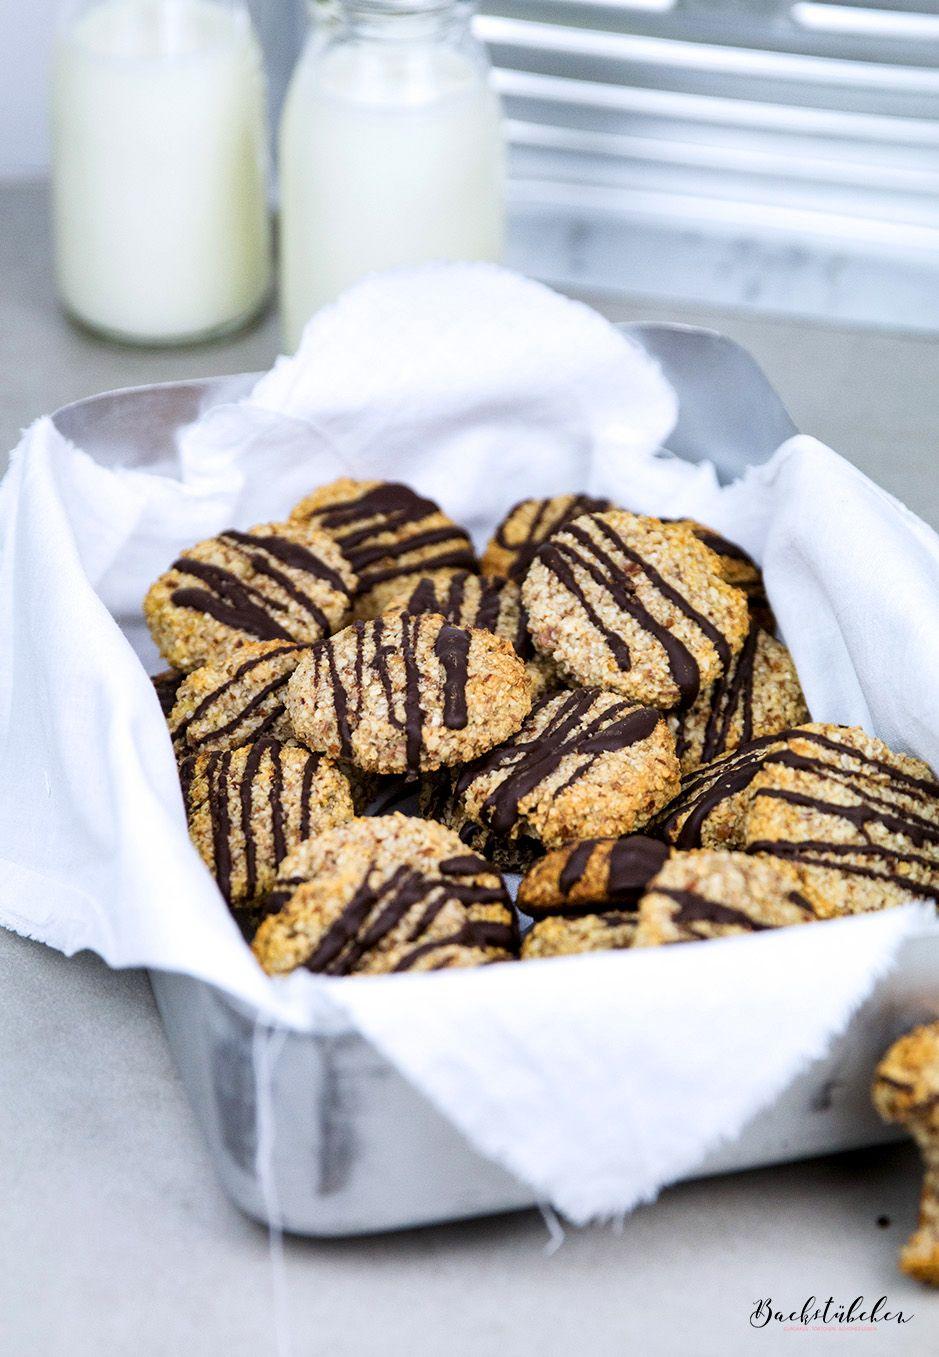 Bananencookies mit gemahlenen Mandeln, Haferflocken und Honig. — Backstübchen